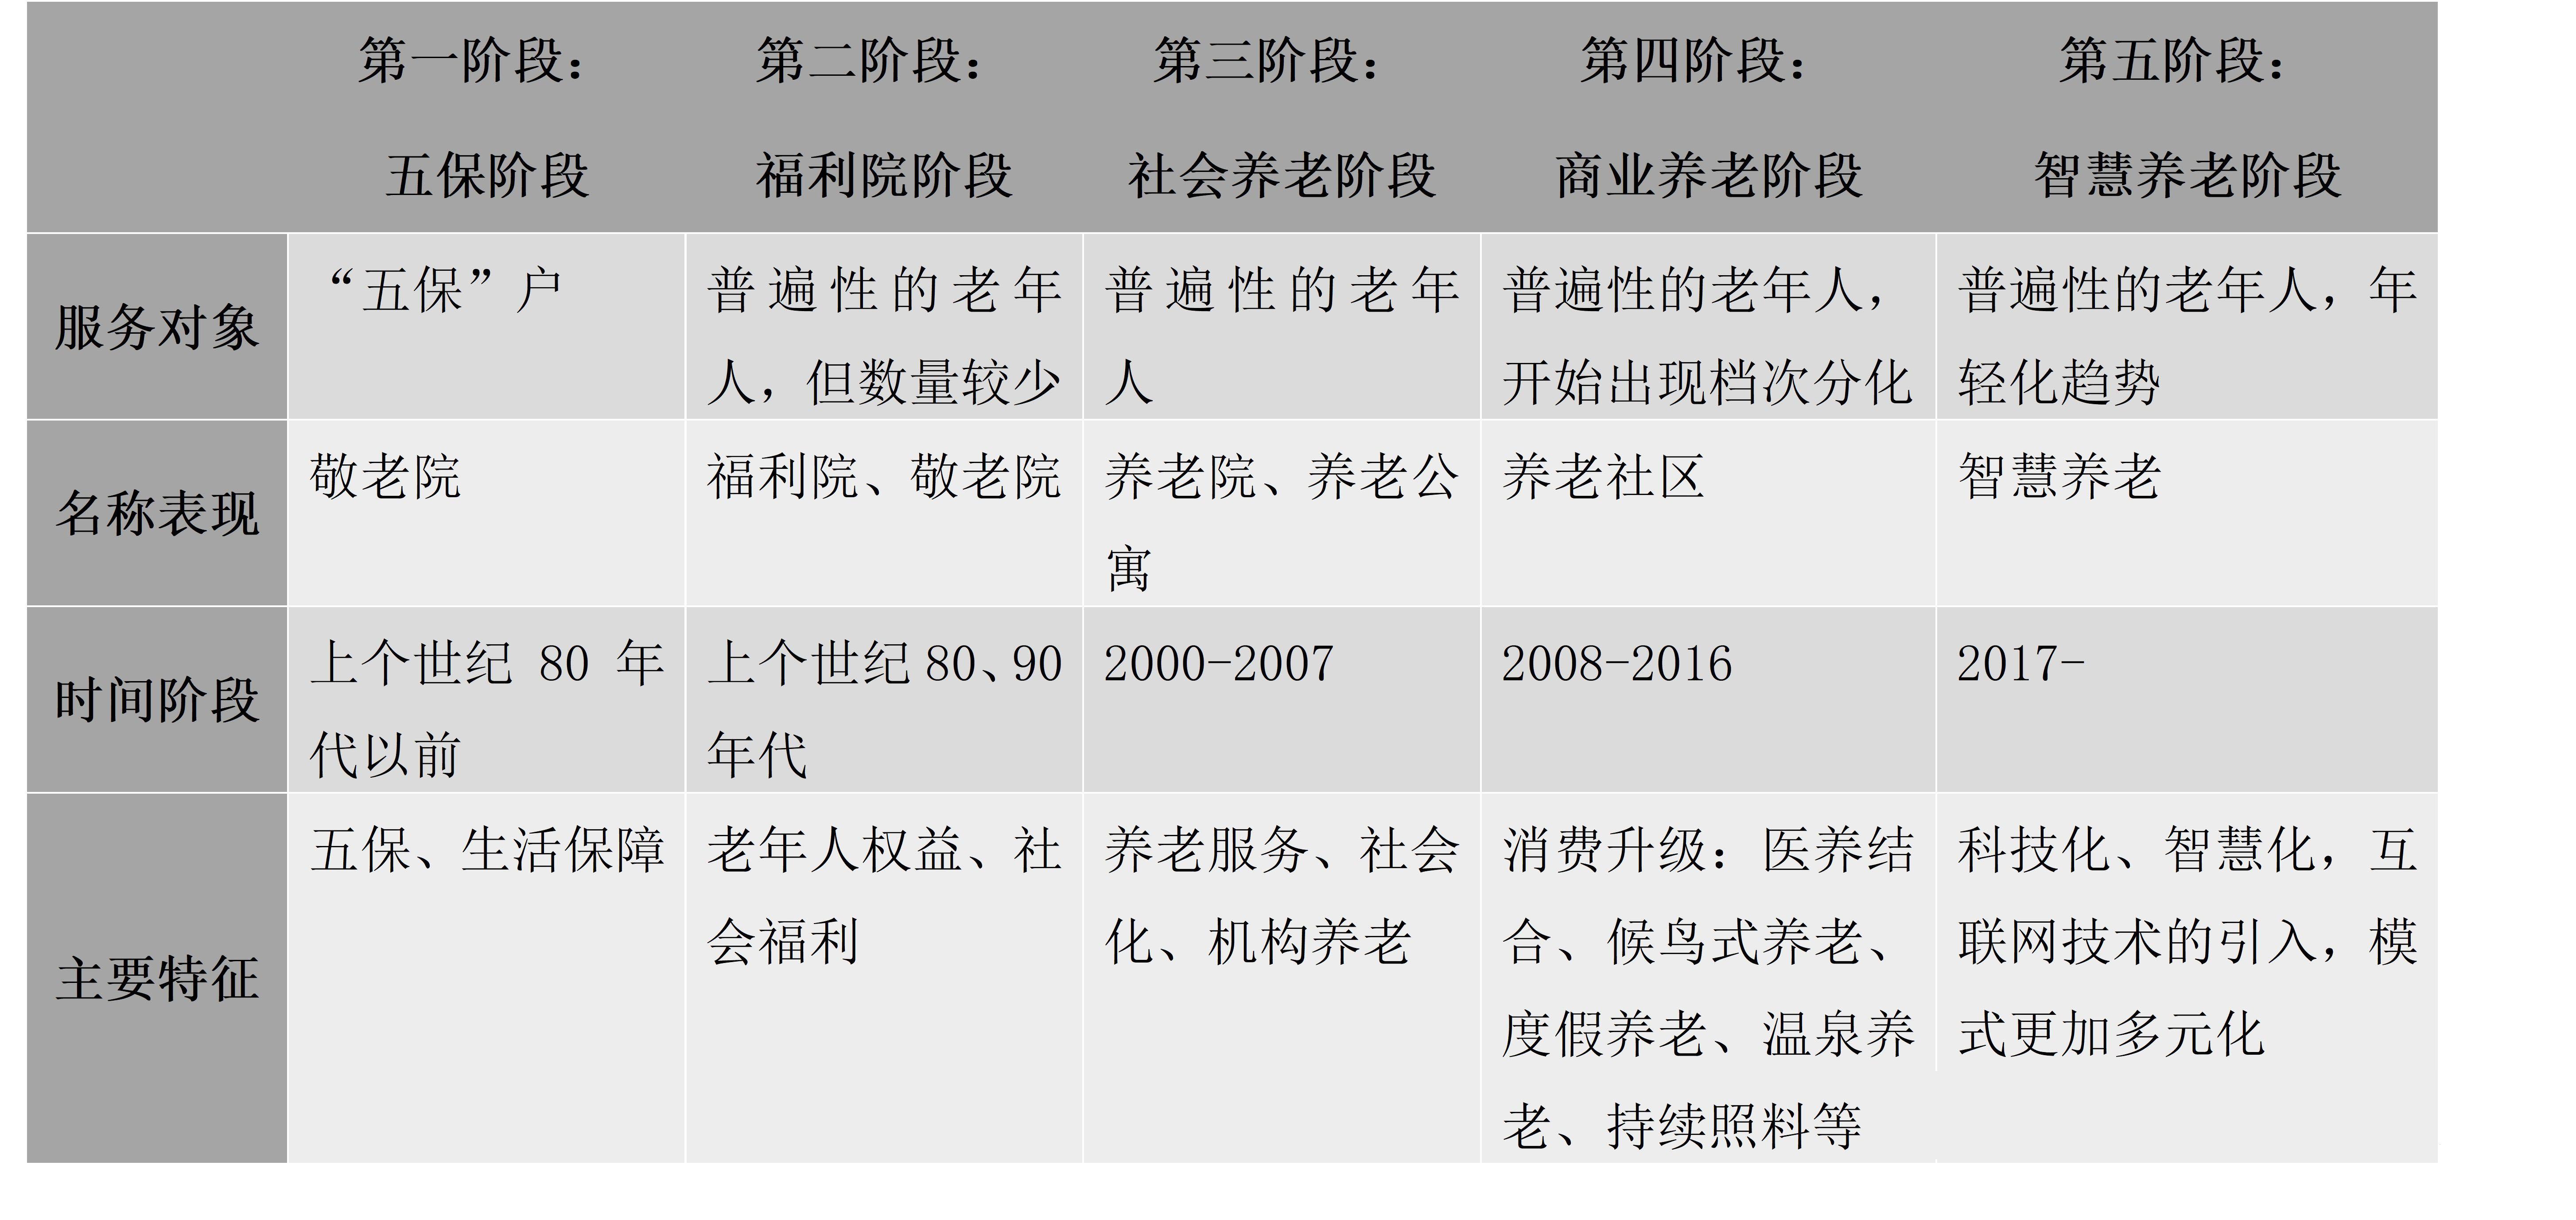 """中国养老产业发展与变迁的""""五个阶段"""""""